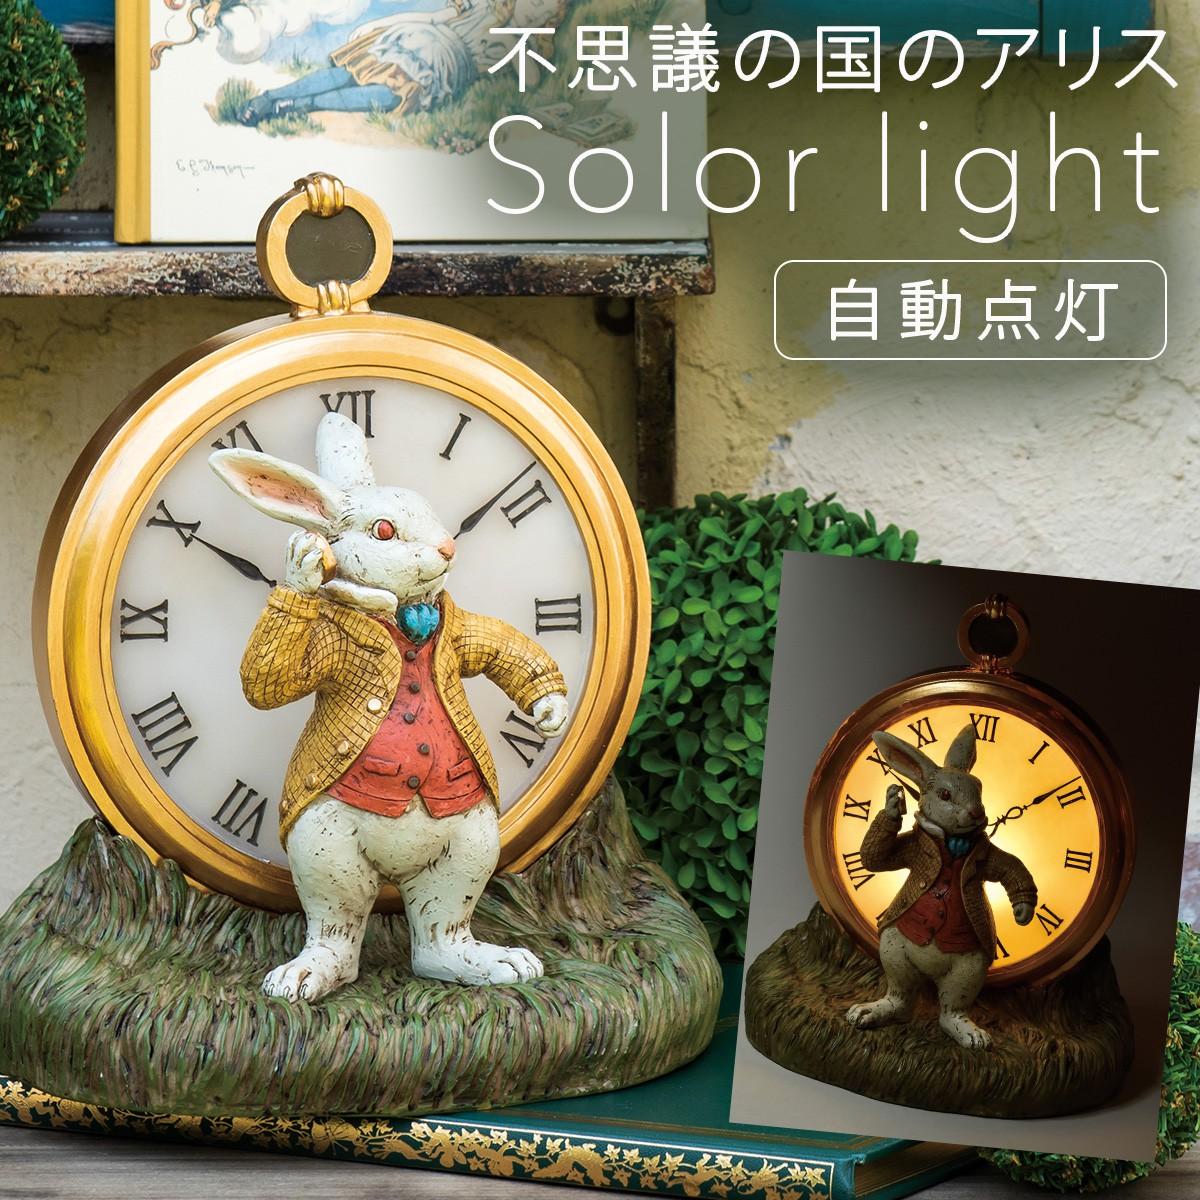 ソーラーライト 屋外 明るい オーナメント 不思議の国のアリス ソーラーオーナメント ラビットの時計